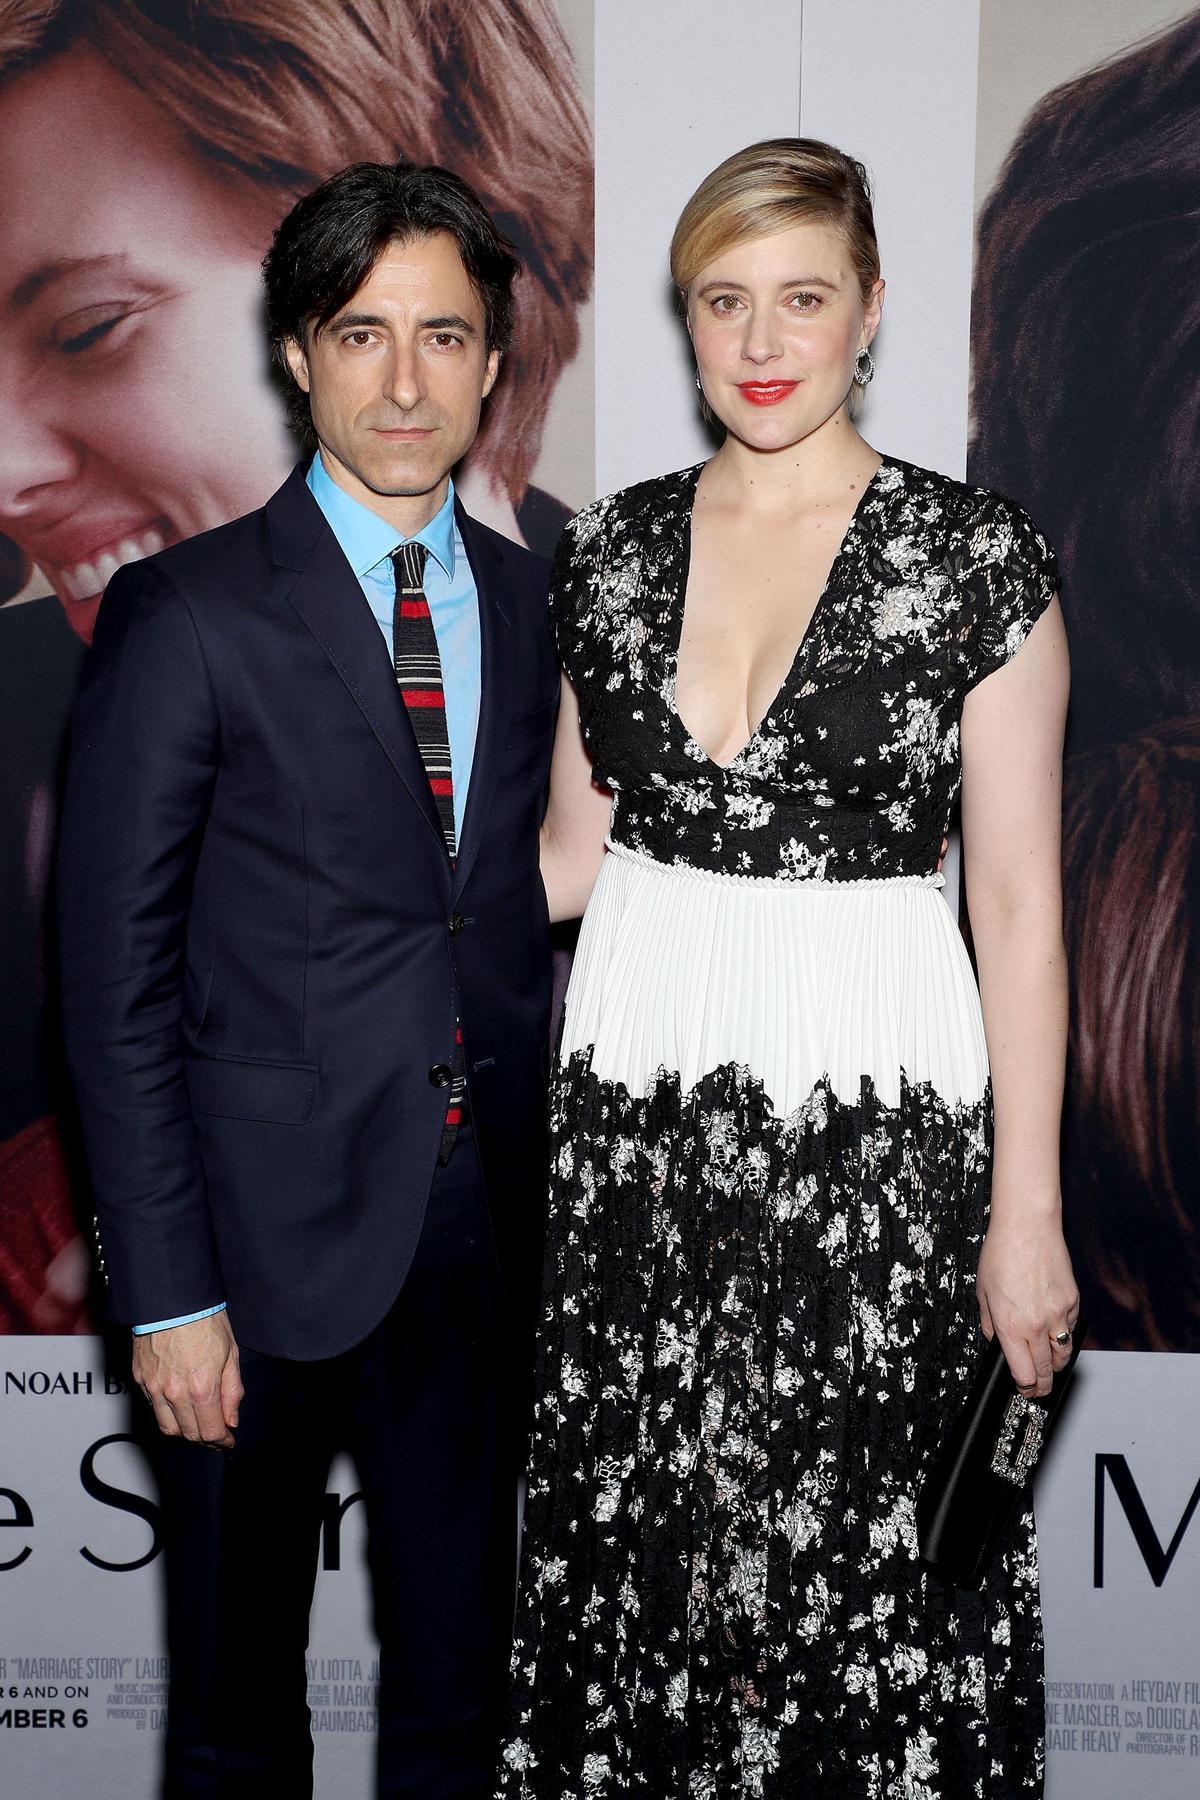 《婚姻故事》導演諾亞波拜克(左),《她們》導演葛莉塔潔薇,兩人作品在奧斯卡加起來有12項提名,堪稱是才子佳人。(Netflix提供)